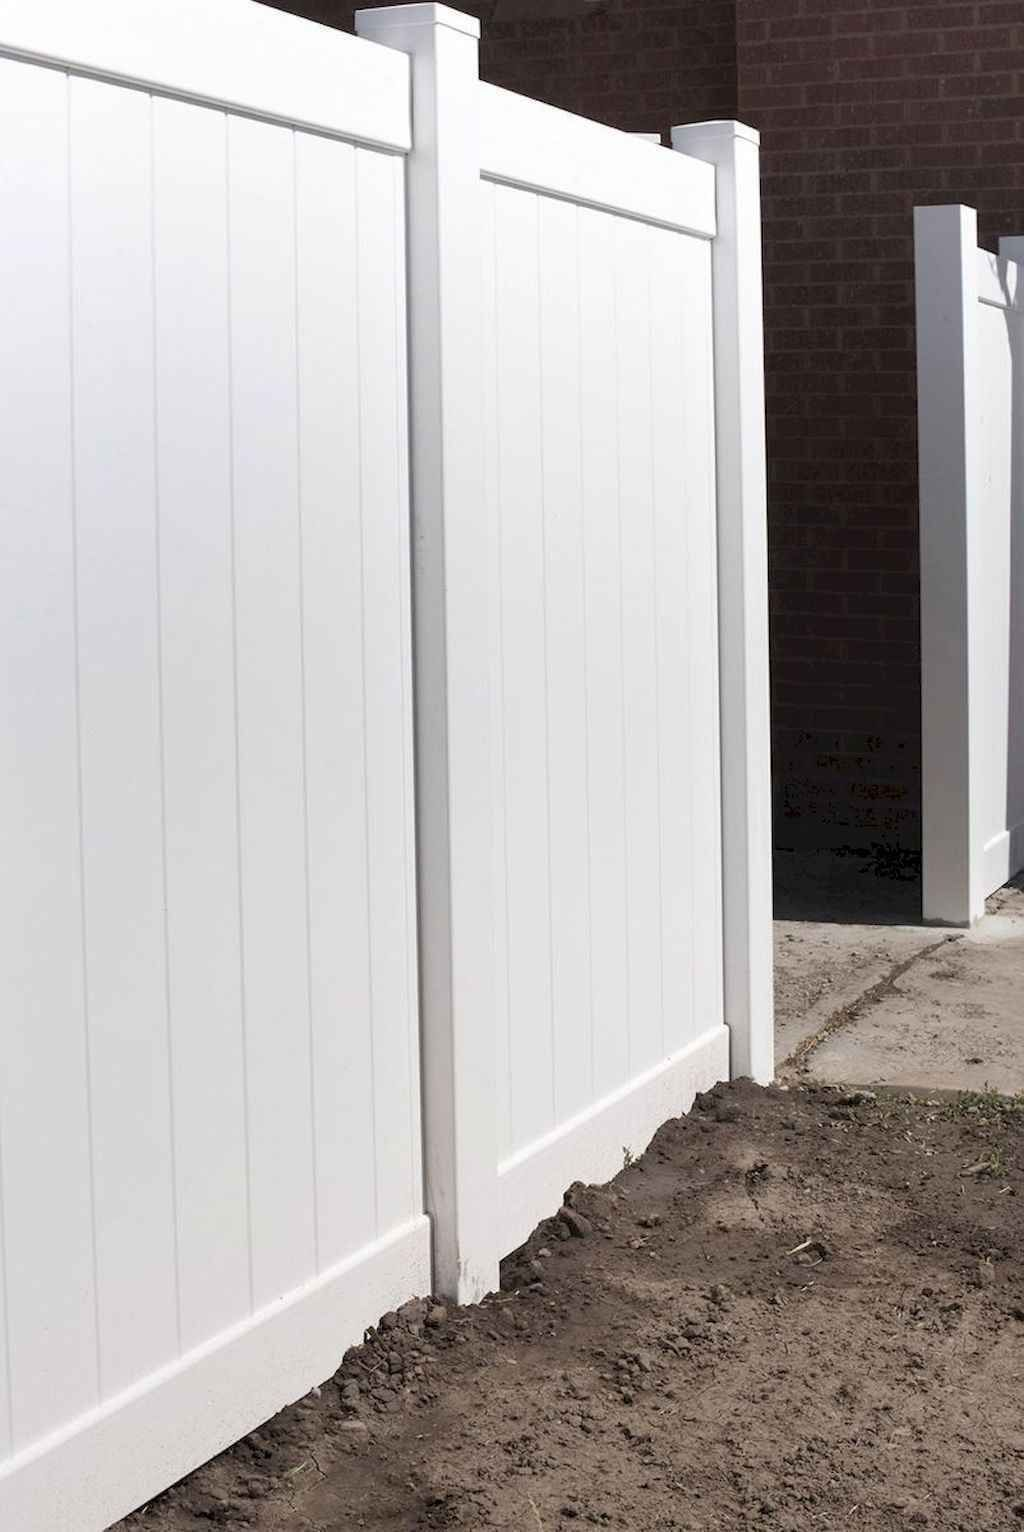 01 Einfach Billig Hinterhof Privatsphare Zaun Design Ideen Homespefully In 2020 Zaun Dekorationen Blickdichte Zaune Hinterhof Privatsphare